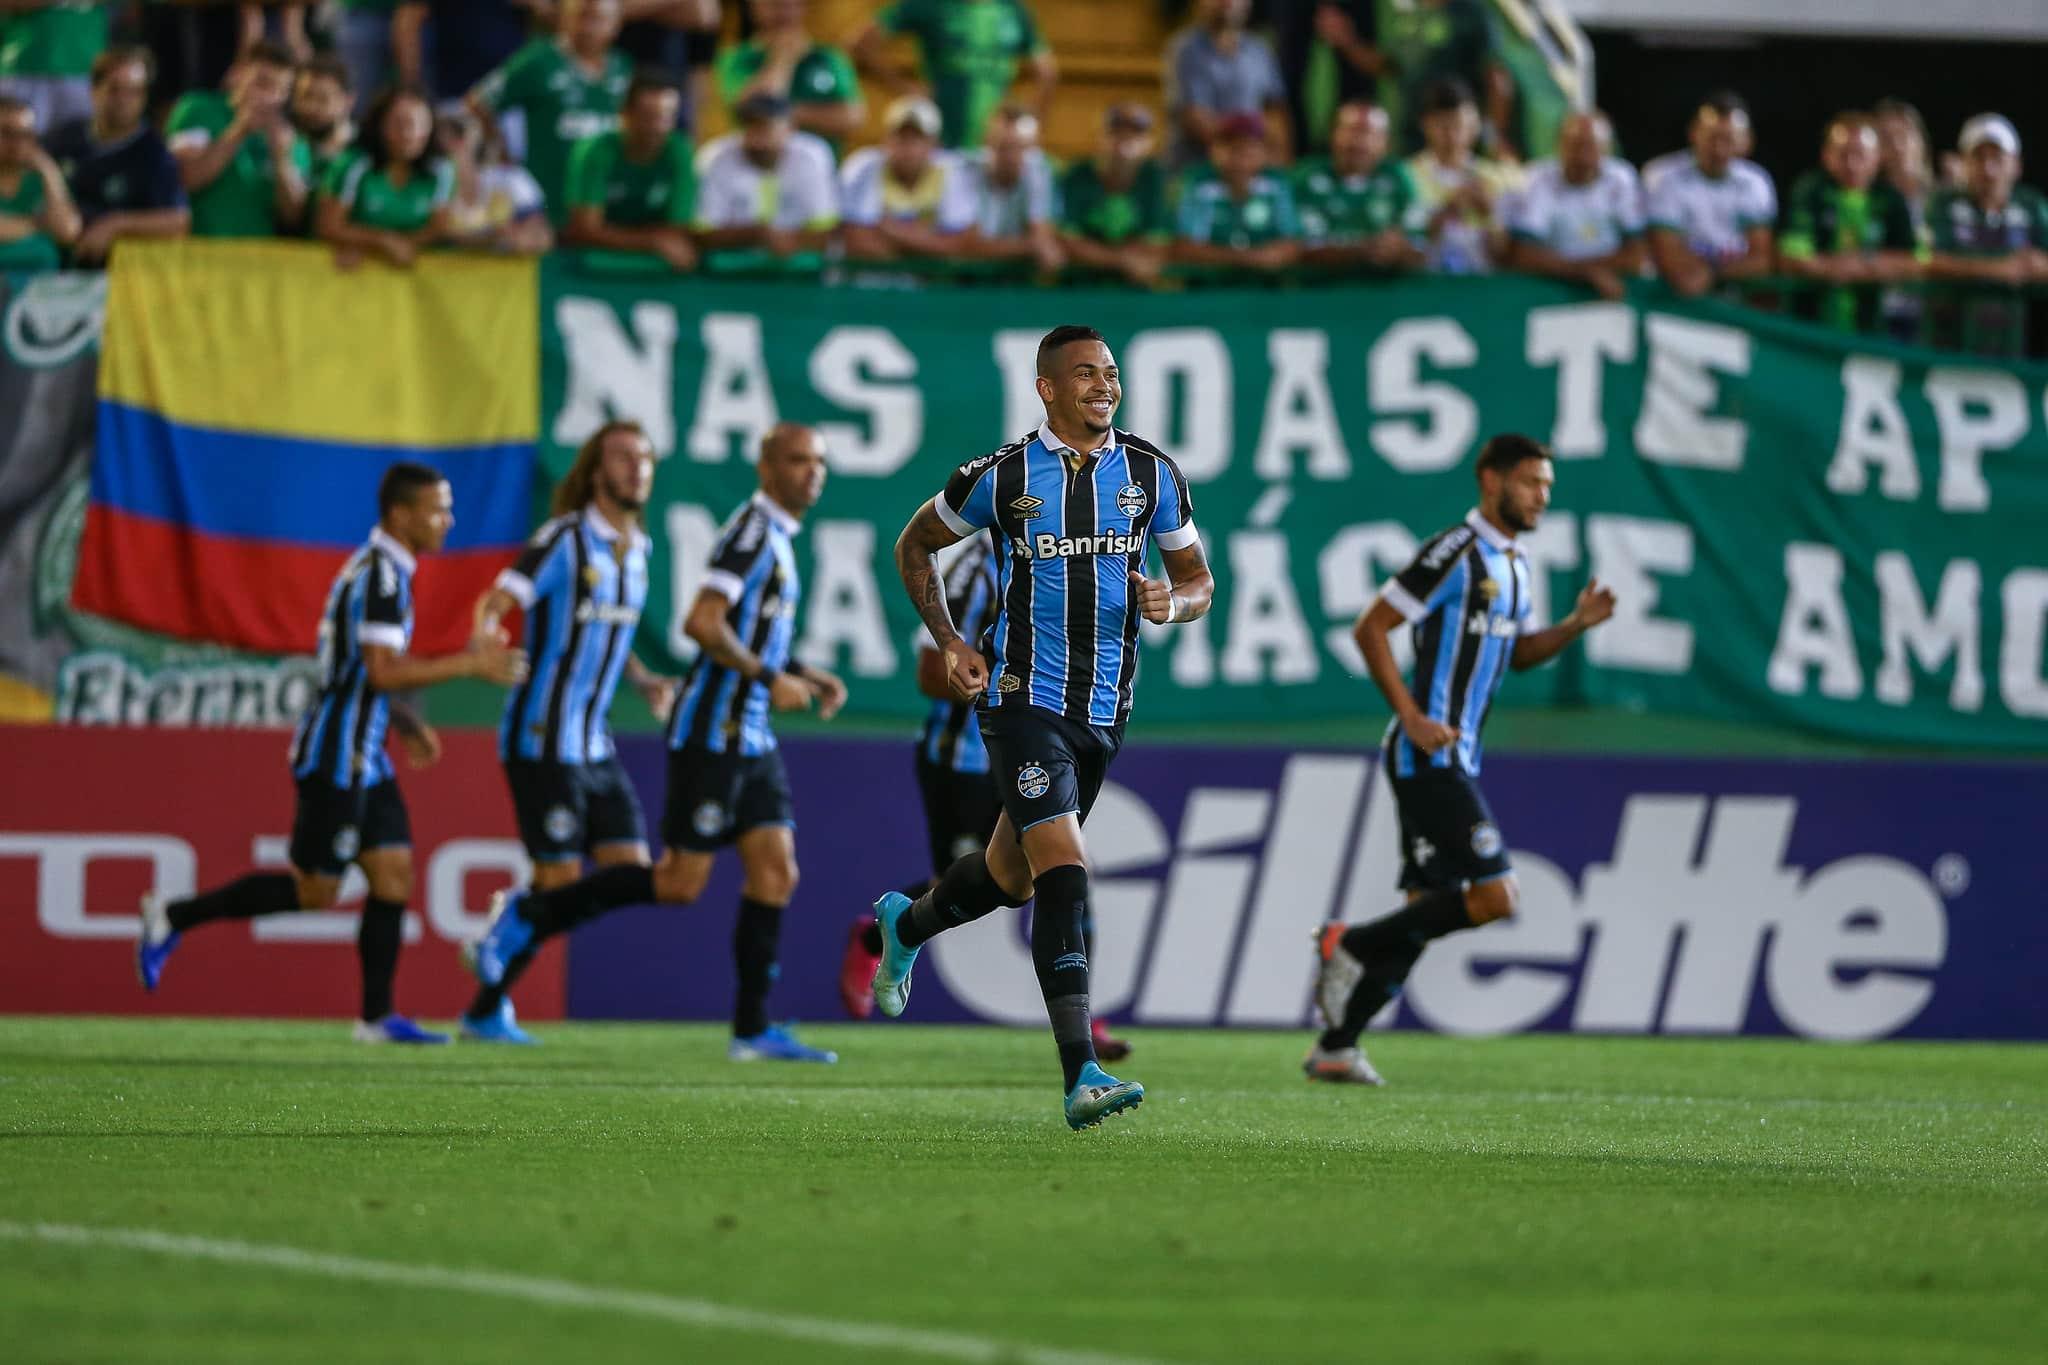 Confira os palpites dos jogos desta segunda-feira (9) no futebol nacional e internacional. Destaque para Grêmio x Chapecoense